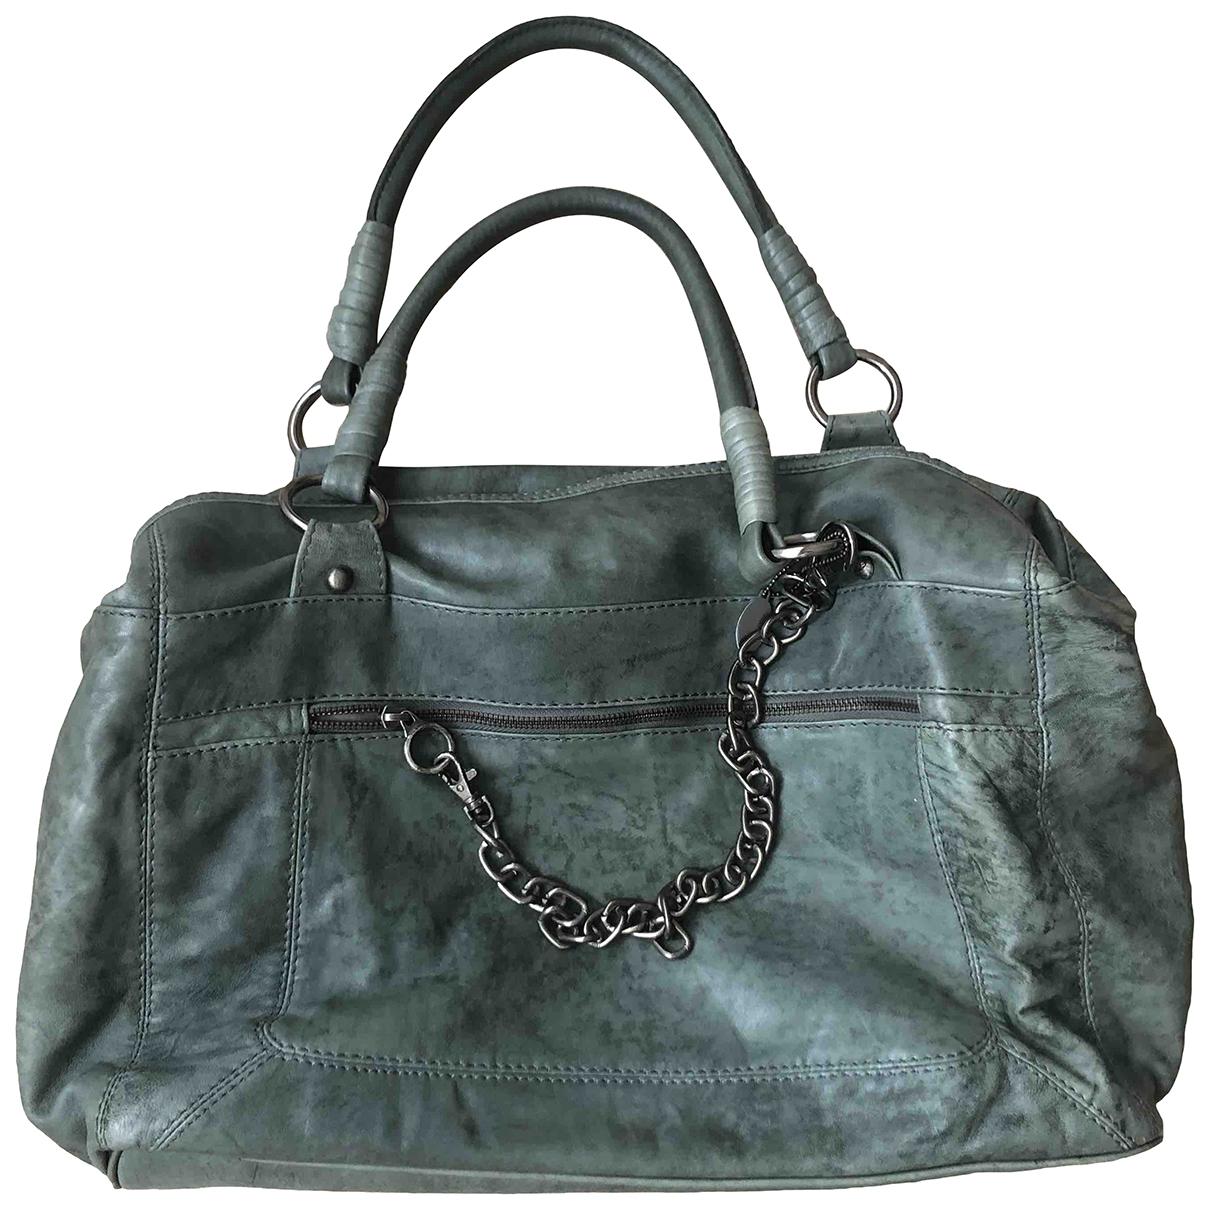 Stills Atelier - Sac a main   pour femme en cuir - vert